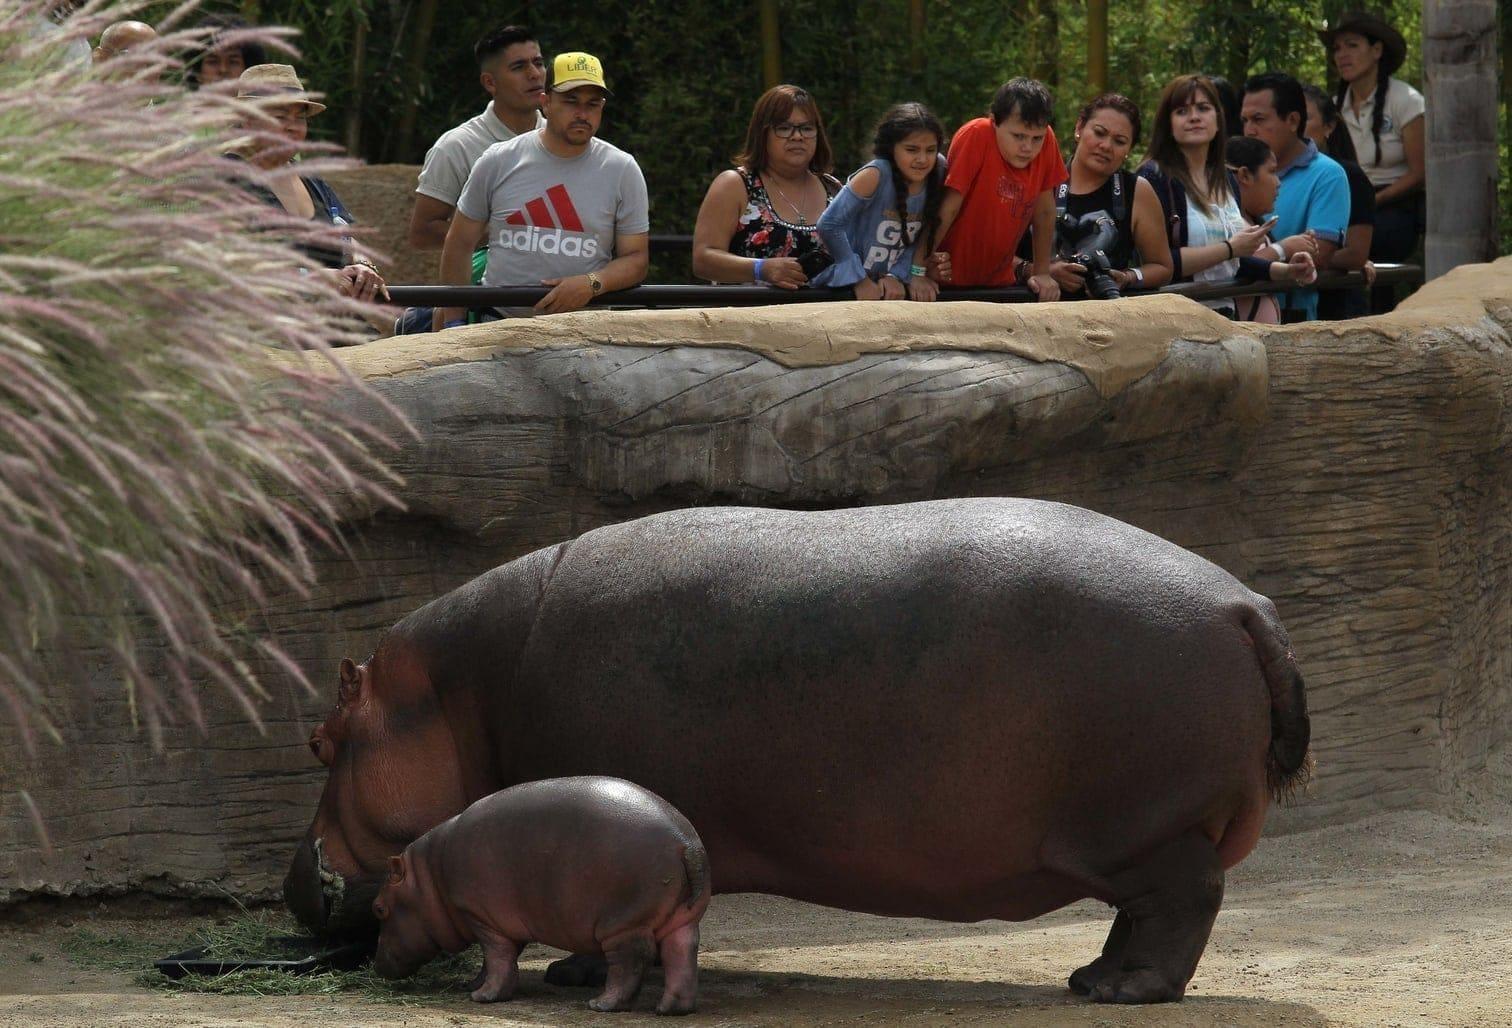 <p>Mutter Gina brachte das 56 Kilogrammschwere Nilpferd-Baby am 28. Mai in Guadalajara zur Welt.</p> Foto: AFP